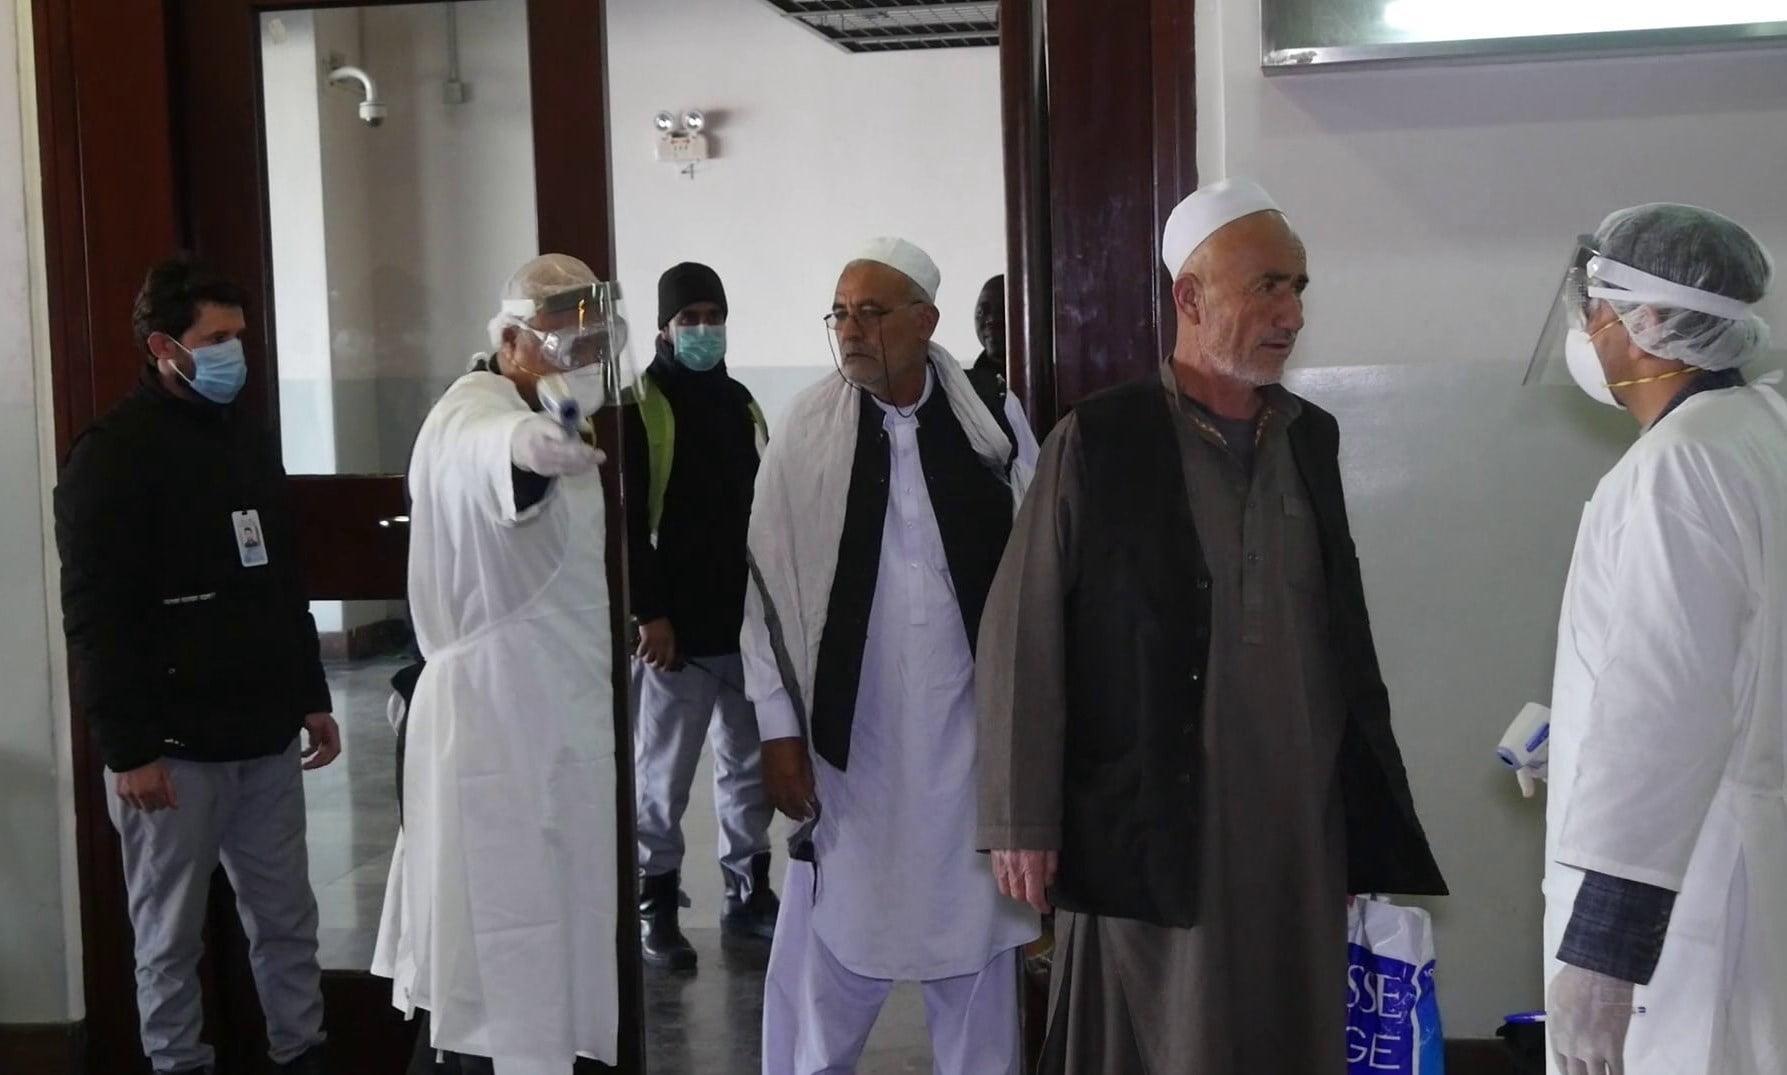 کرونا 6 - افزایش نگرانی ها از شیوع کرونا در افغانستان در پی رفت آمد به ایران